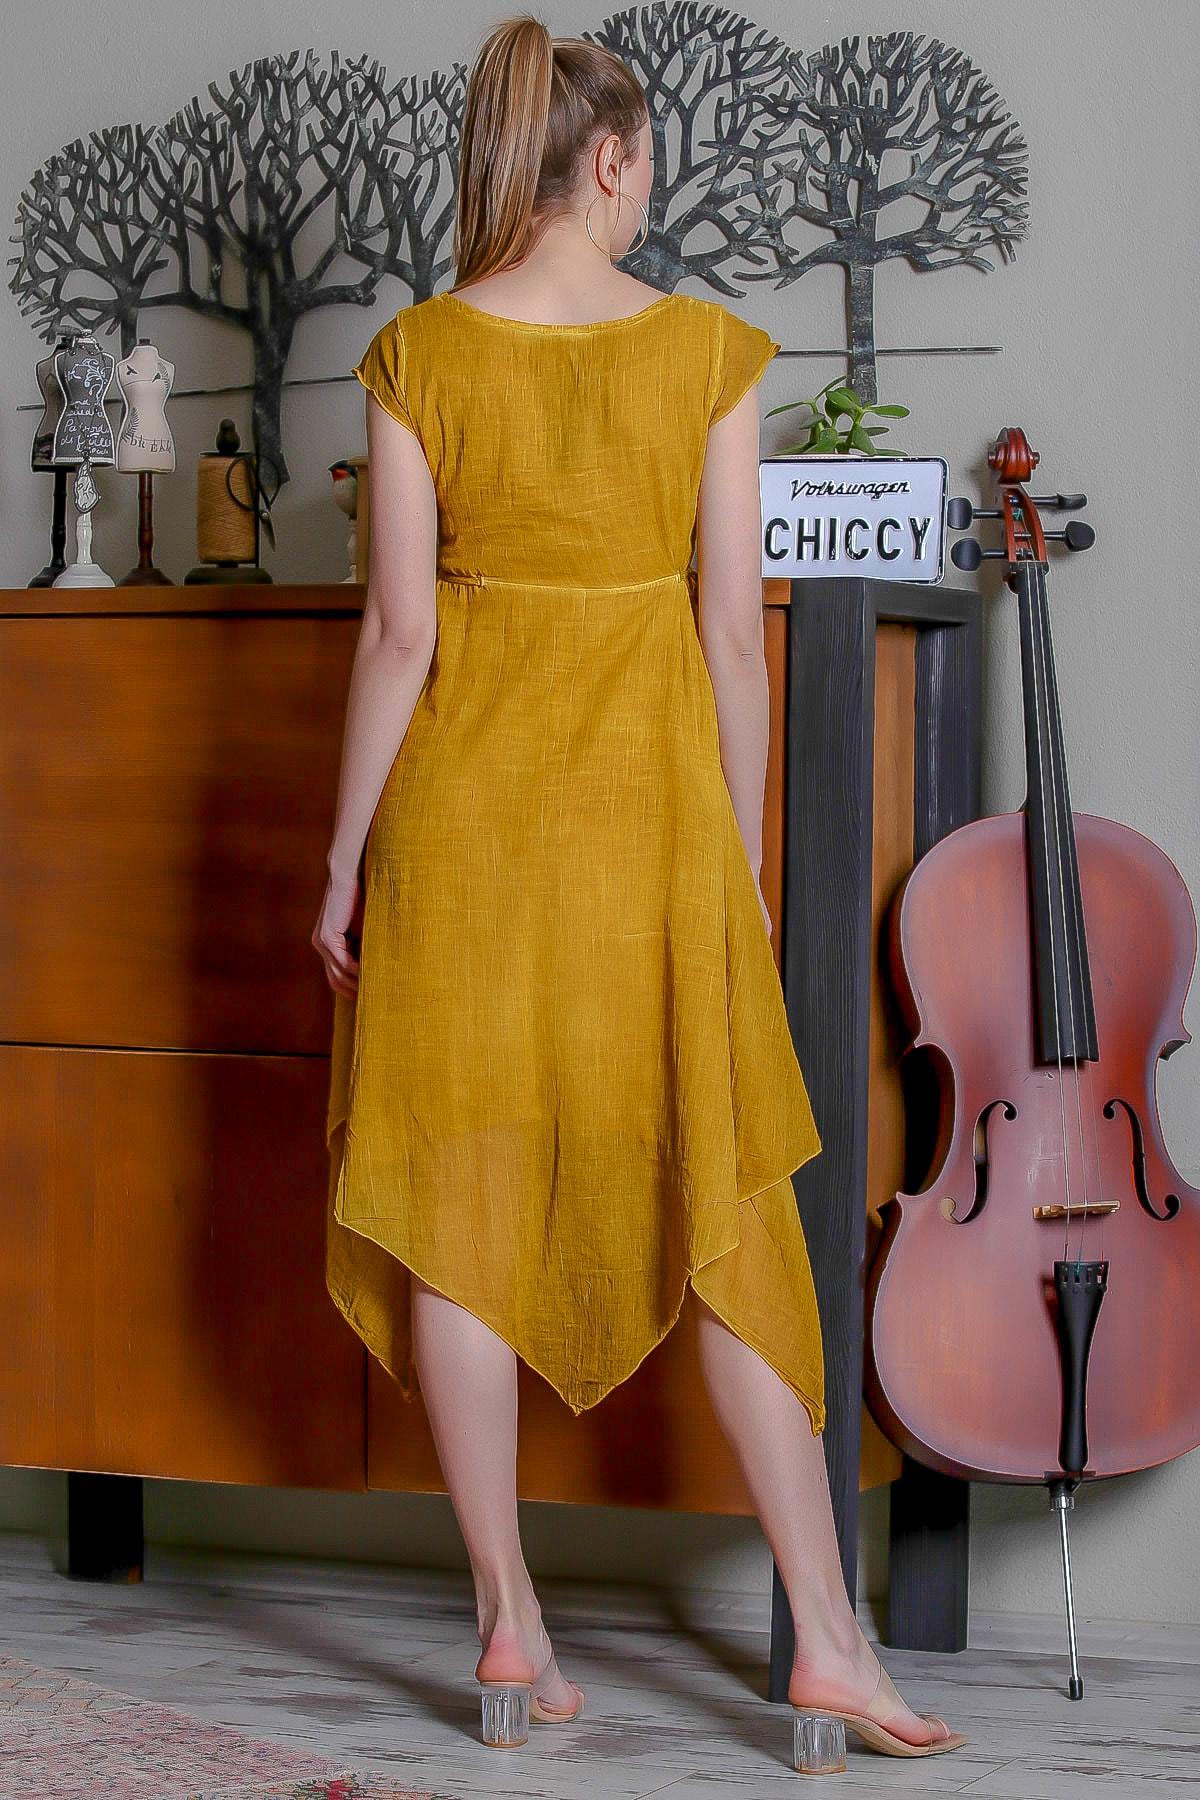 Chiccy Kadın Hardal Kare Yaka Düğme Detaylı Yanı Bağlamalı Asimetrik Yıkamalı Elbise M10160000EL95344 4